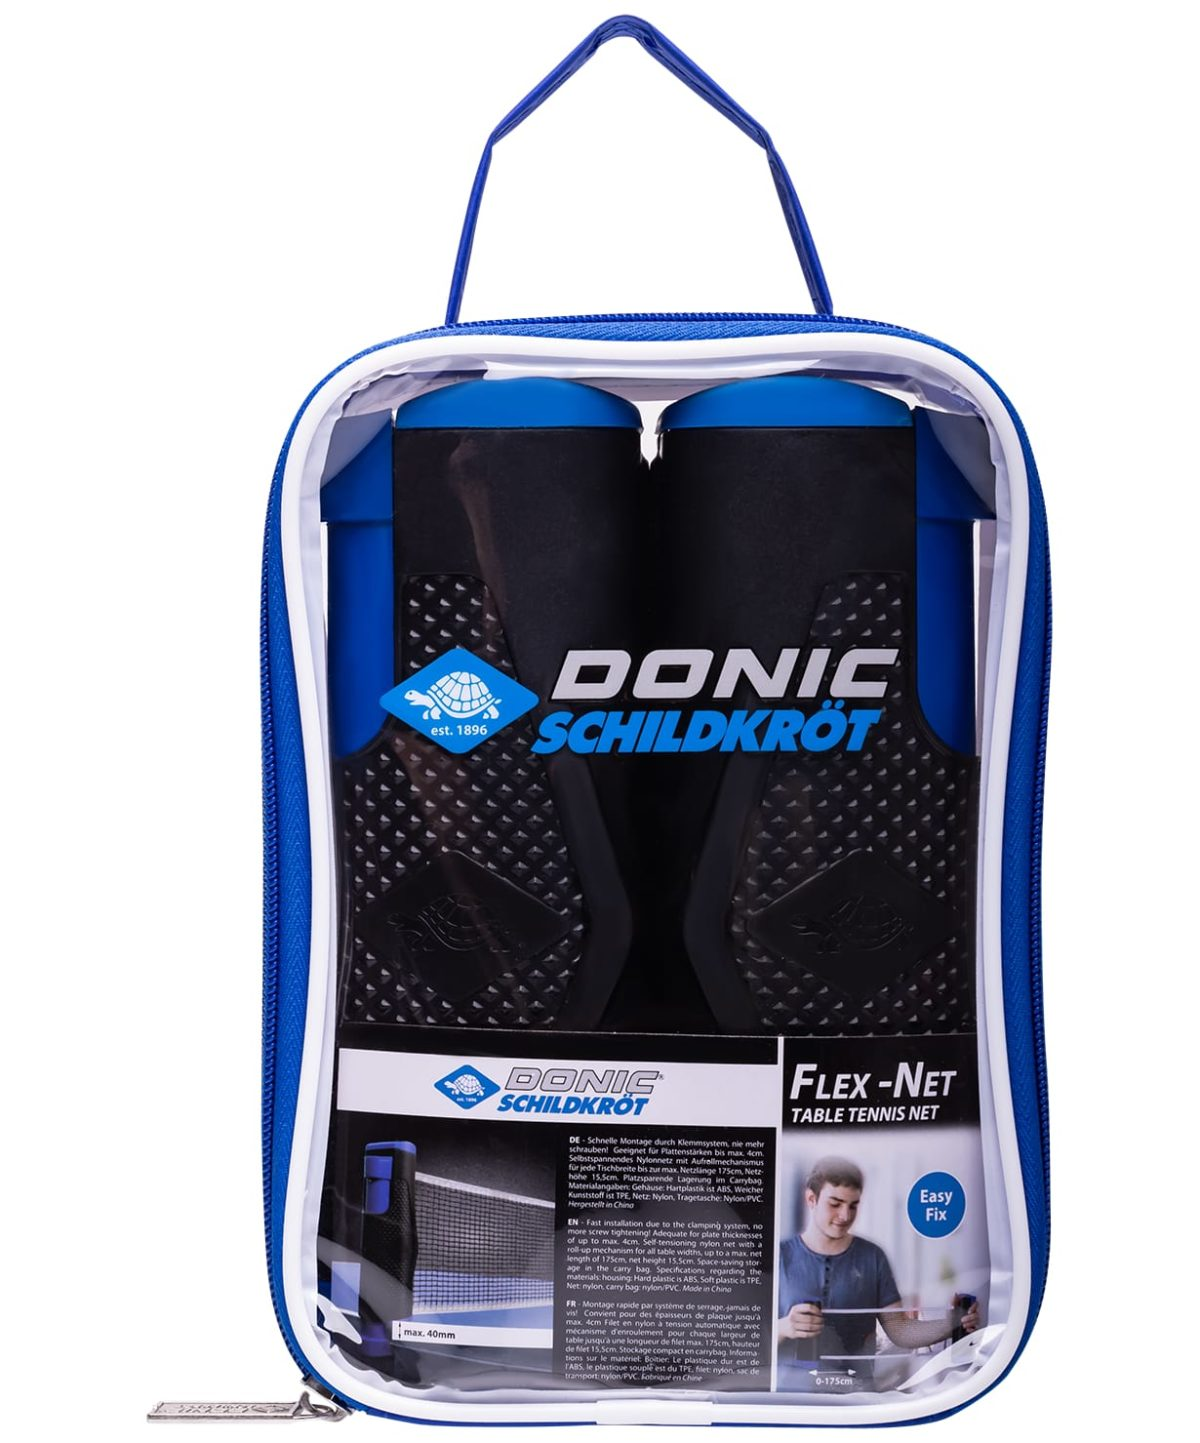 DONIC-Schildkröt Flex-Net Сетка для настольного тенниса, раздвижная  15673 - 1